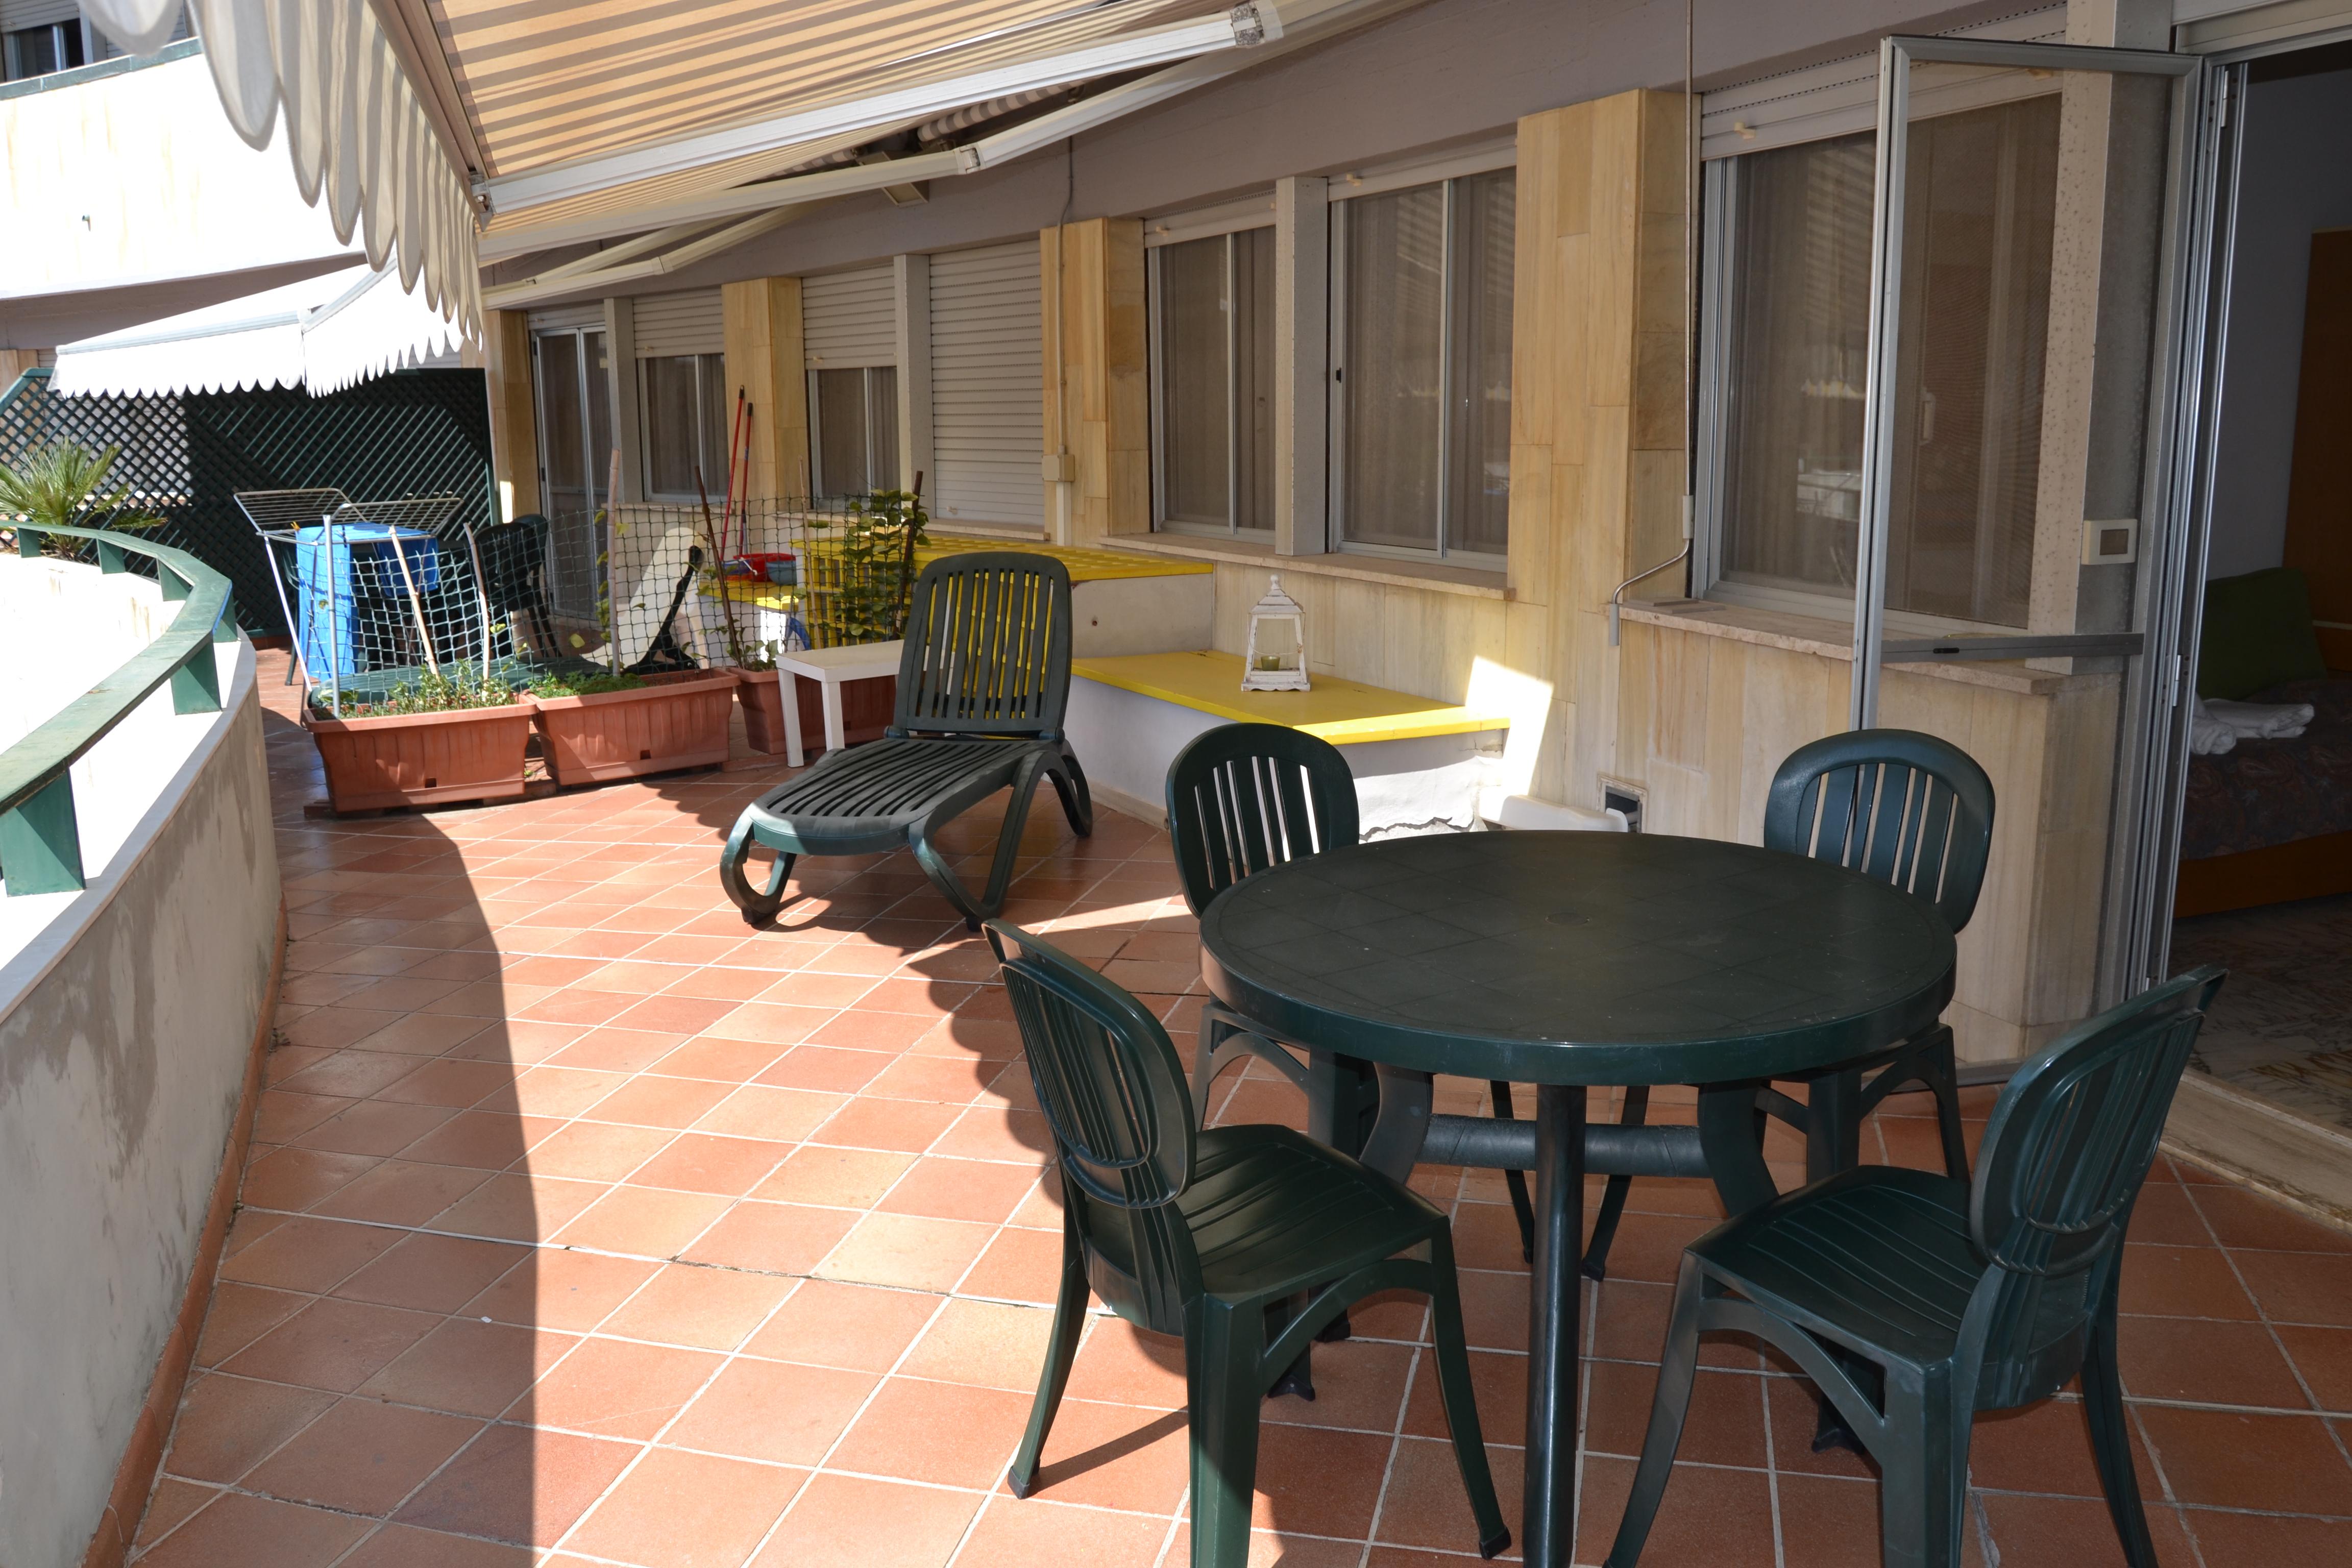 Casa Affitto Vacanza a Tirrenia. Rif.A.9